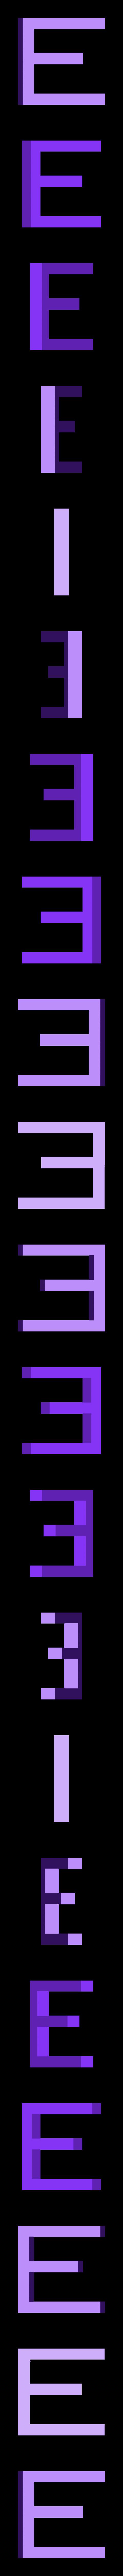 e.stl Download STL file QNET LOGO • Design to 3D print, alono